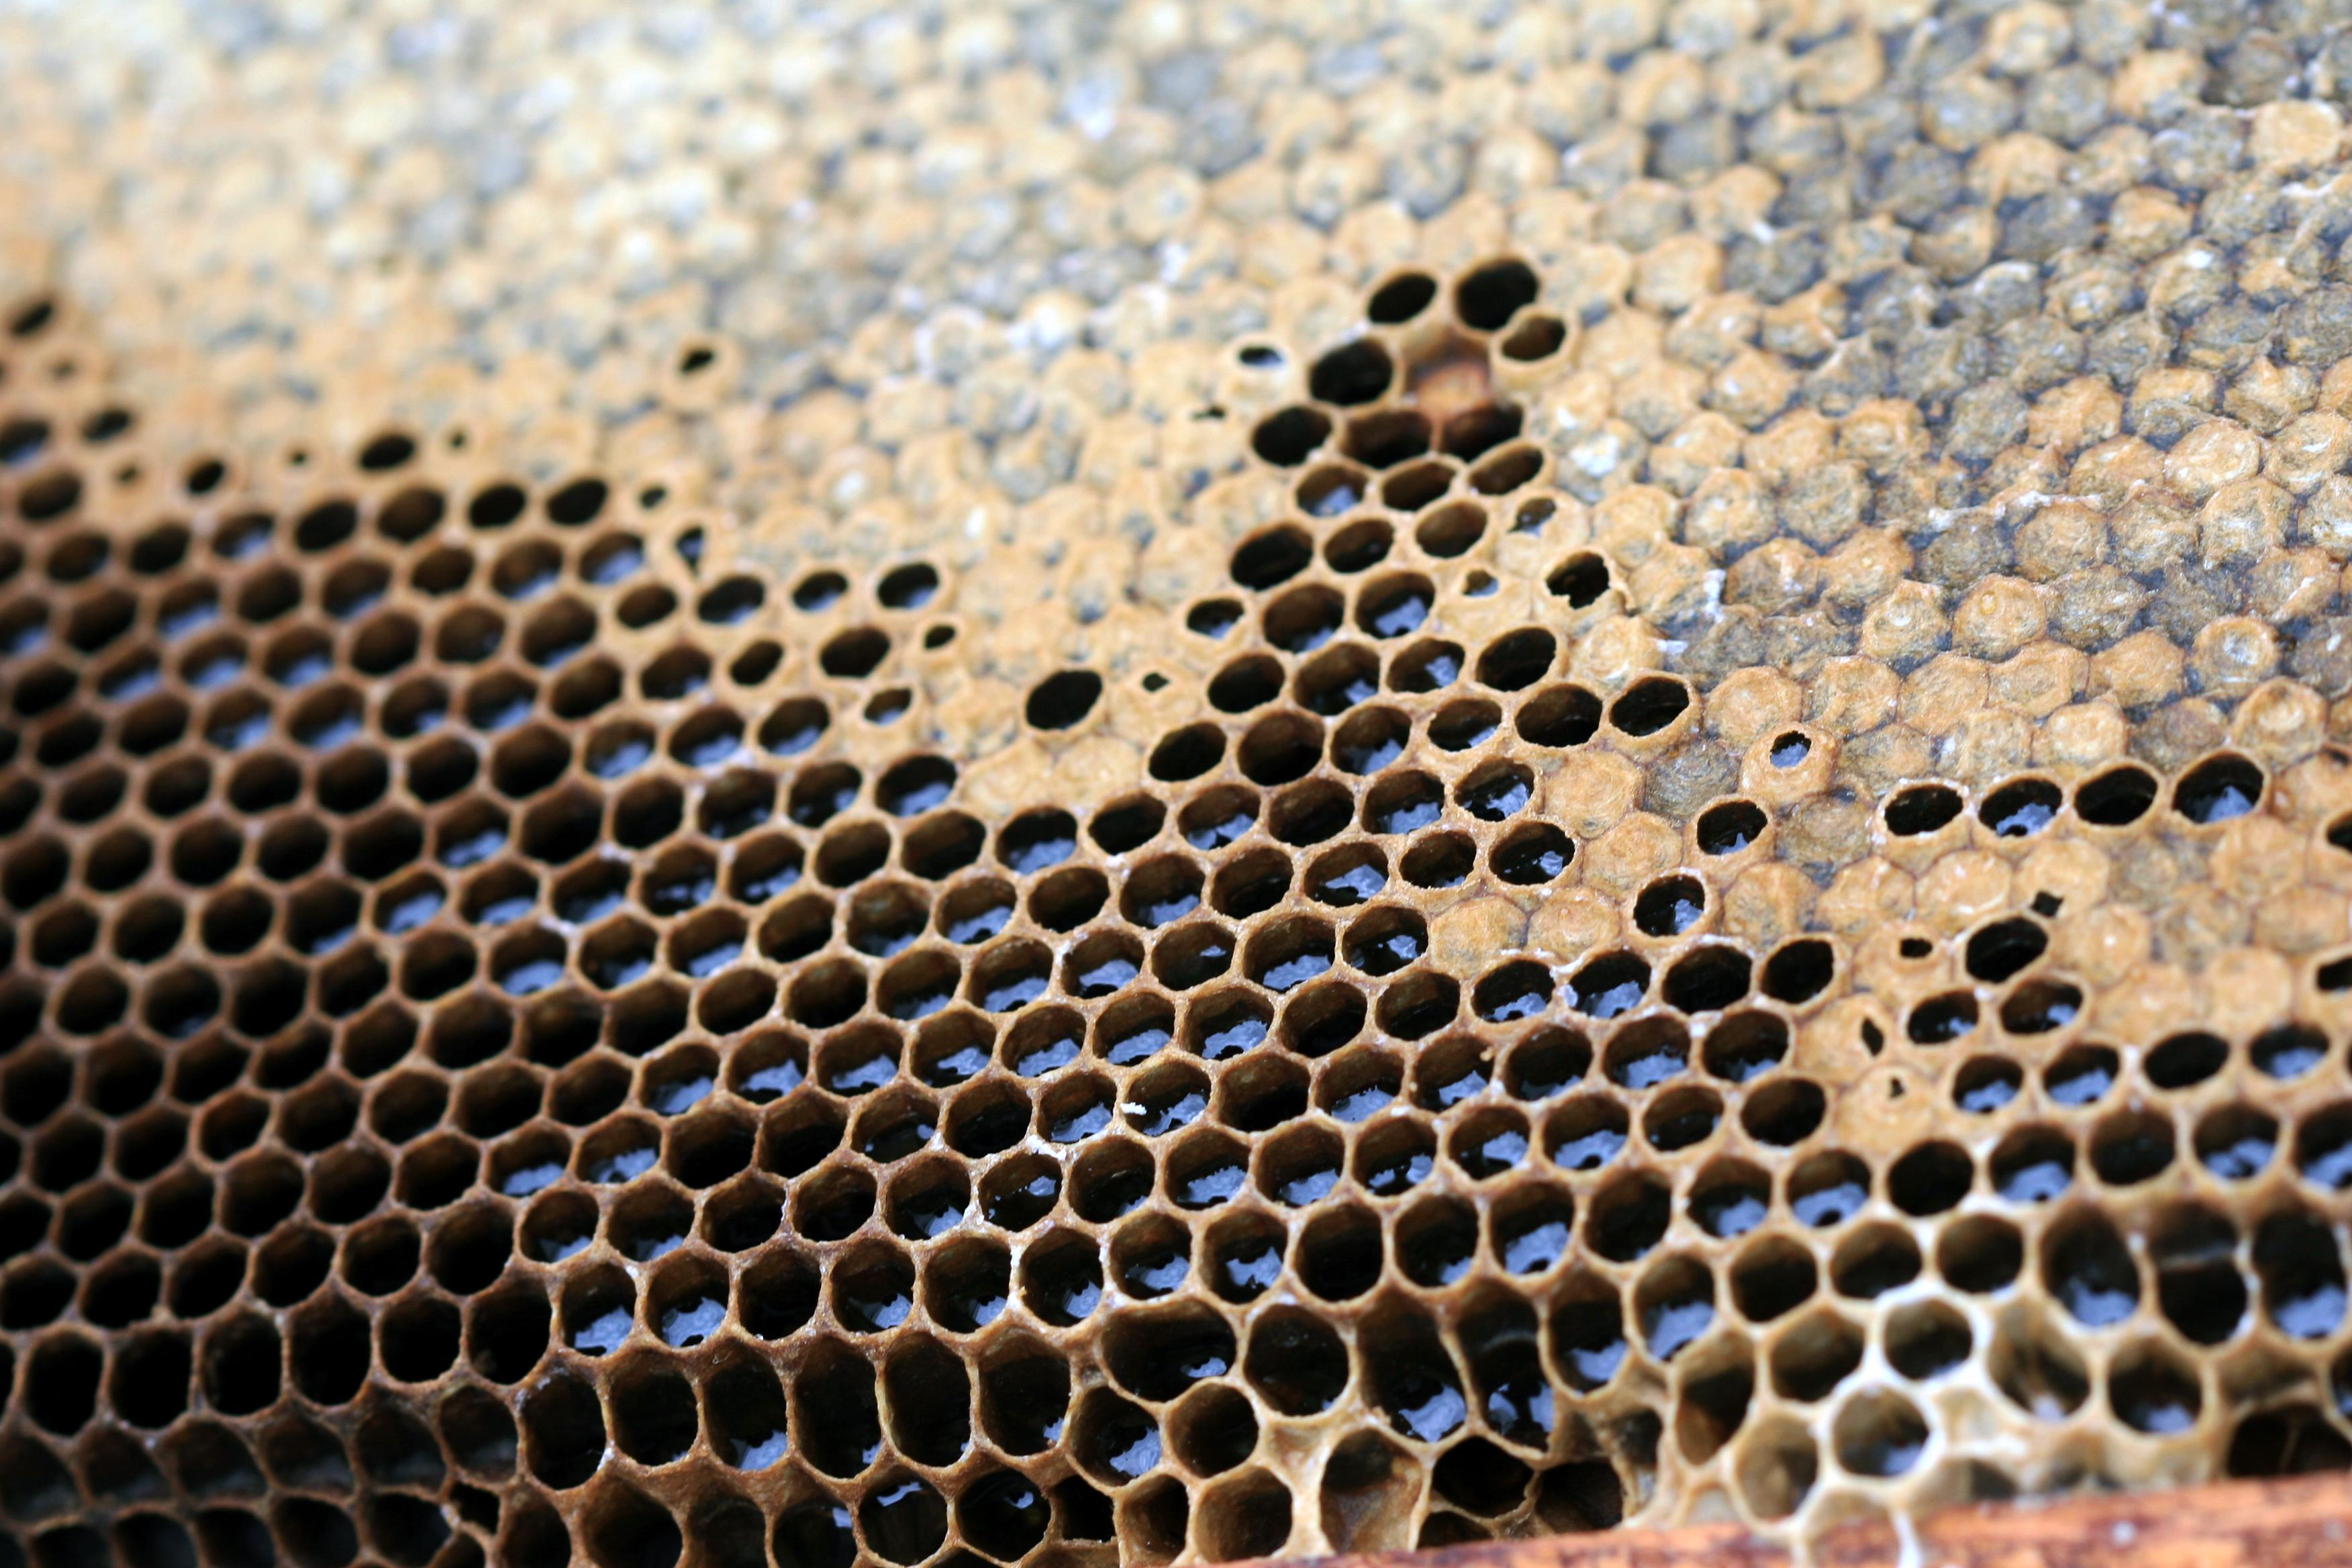 同样是蜂蜜,凭什么有的要比普通蜂蜜贵几倍?